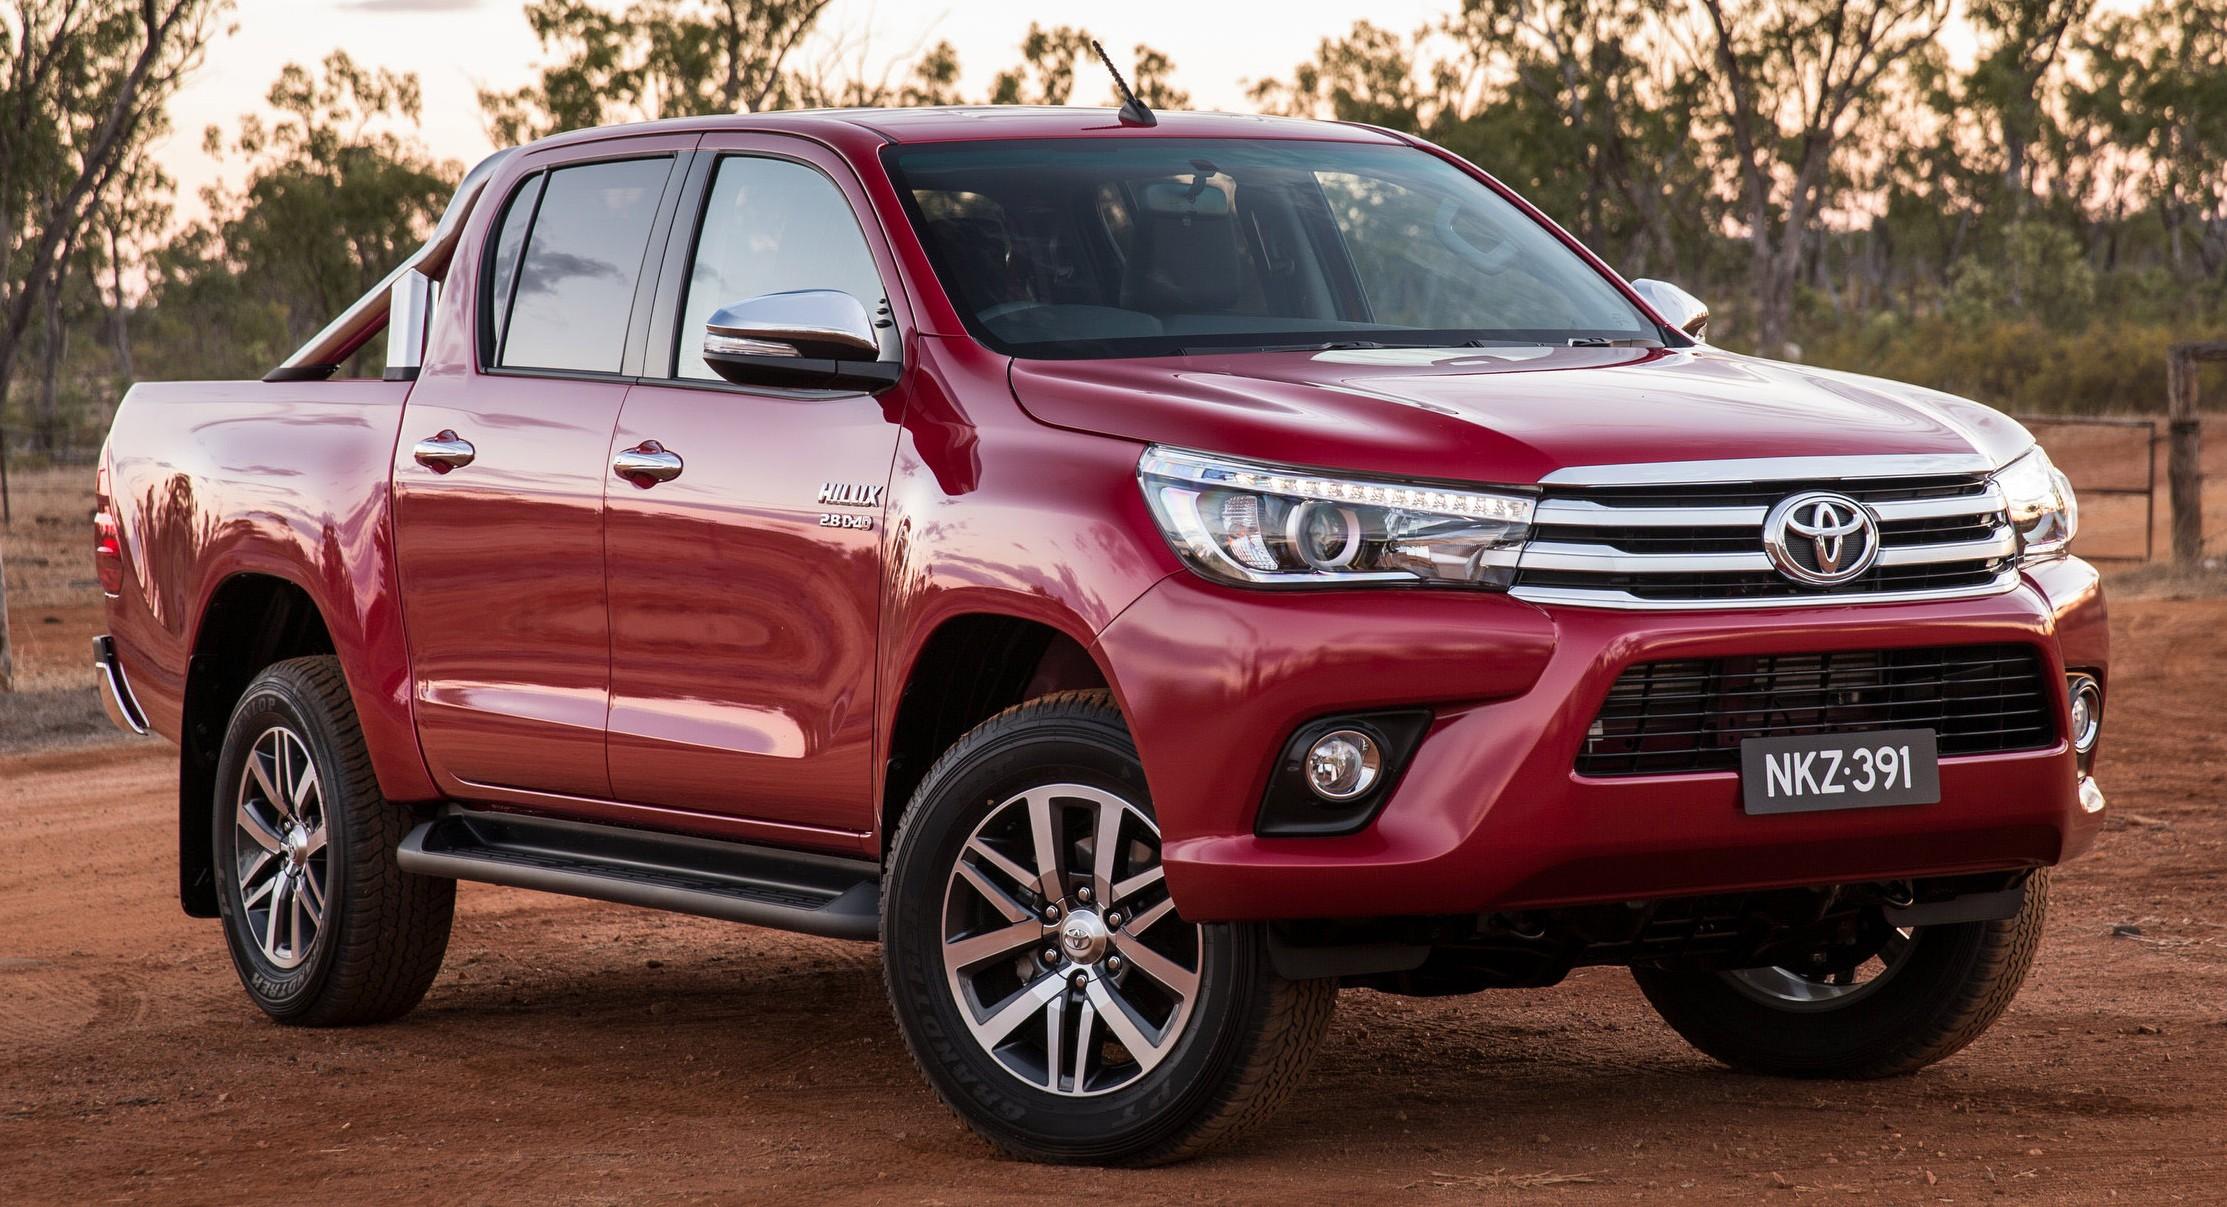 Toyota Hilux 2016: Maße und Motoren - MOTOR-TALK